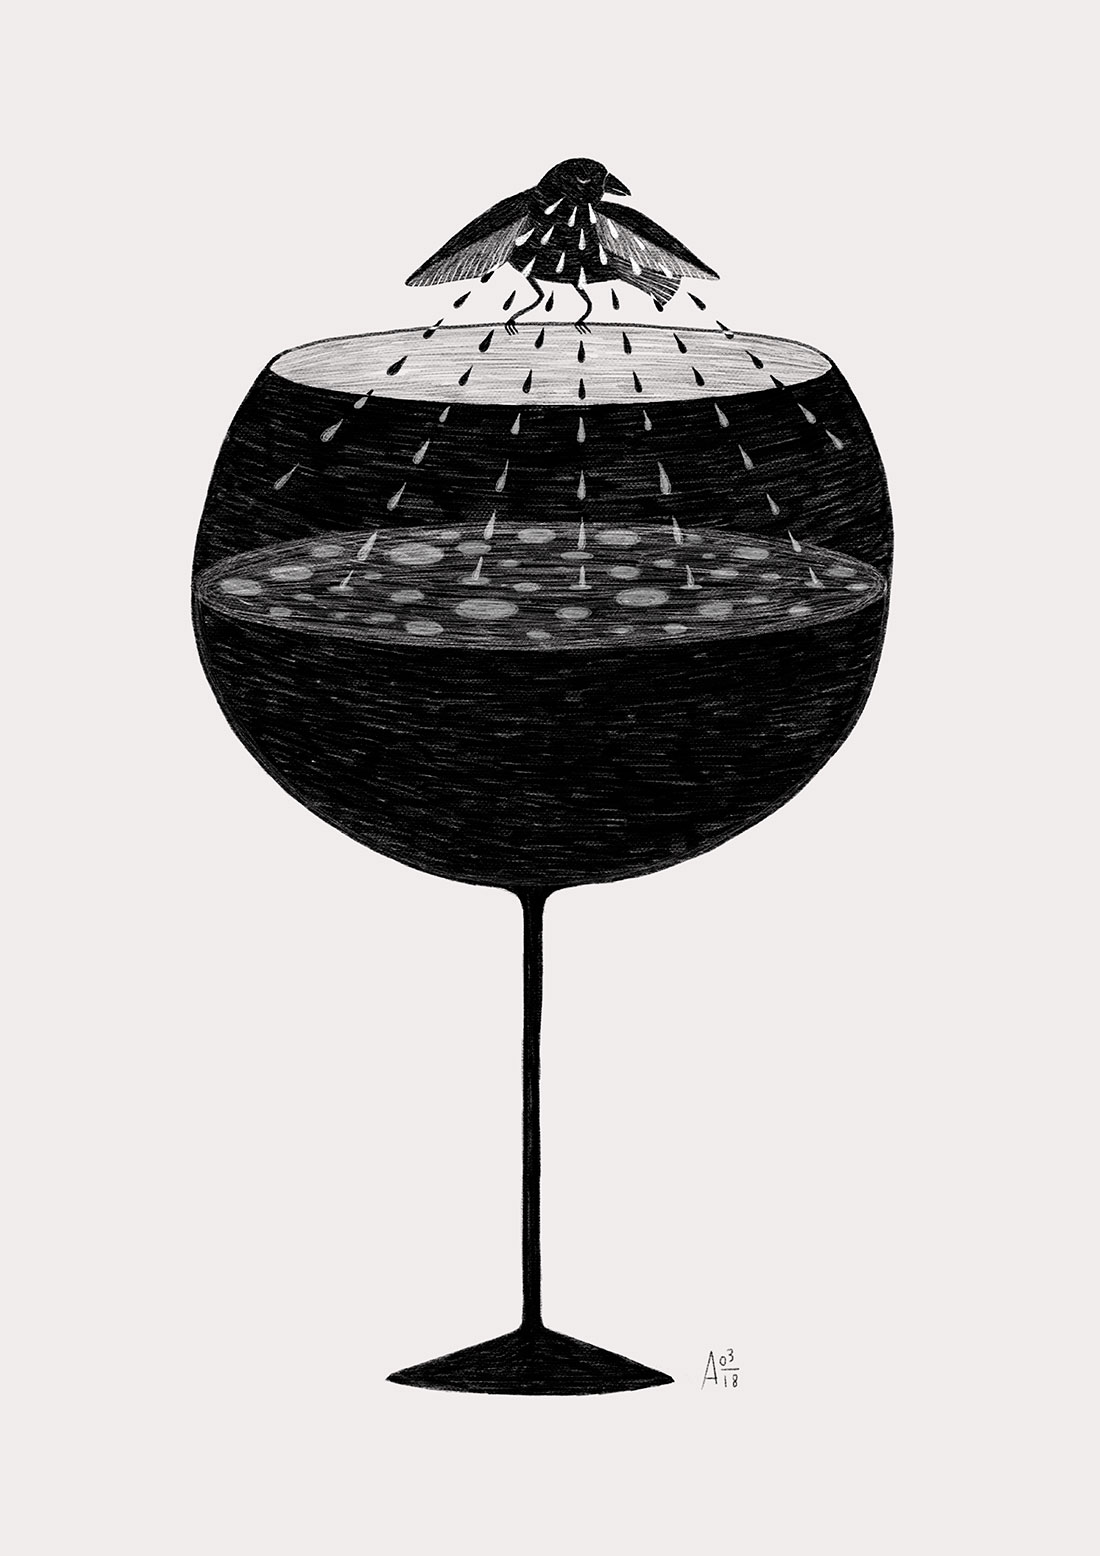 goblet-of-truth-web.jpg